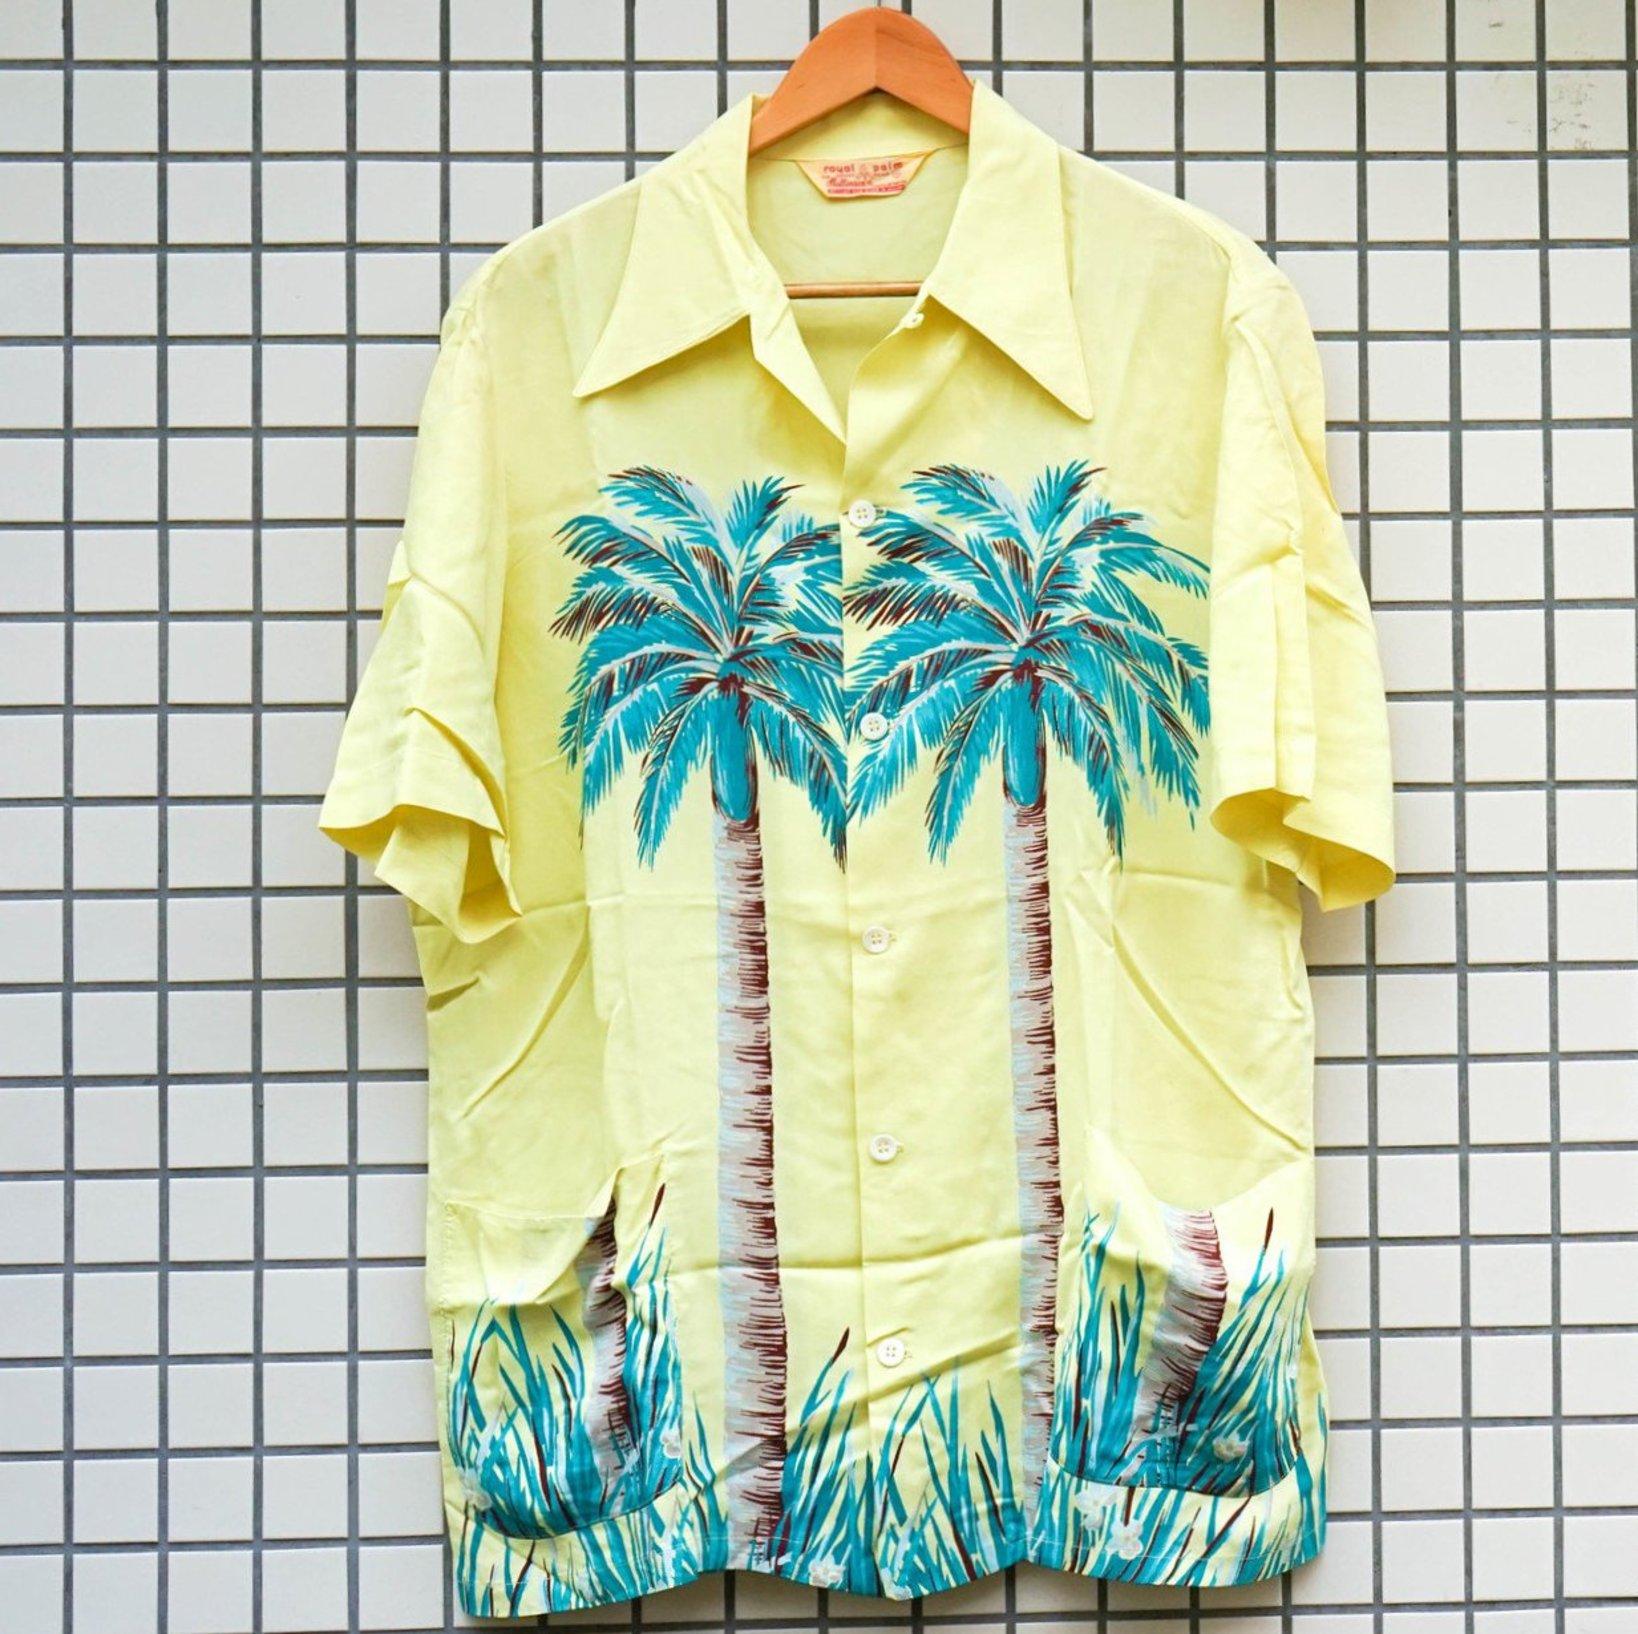 ヤシの木がモチーフになった、ホリゾンタル・パターンのアロハシャツ。ポイントはポケット。裾にポケットがあると、セットアップで販売されていた可能性が高いそう。なぜならば、普通のシャツより裾が長いので、シャツ一枚で着るということはあまりなかった。パターンは、上から下まで柄が入っているホリゾンタル柄。(参考品)